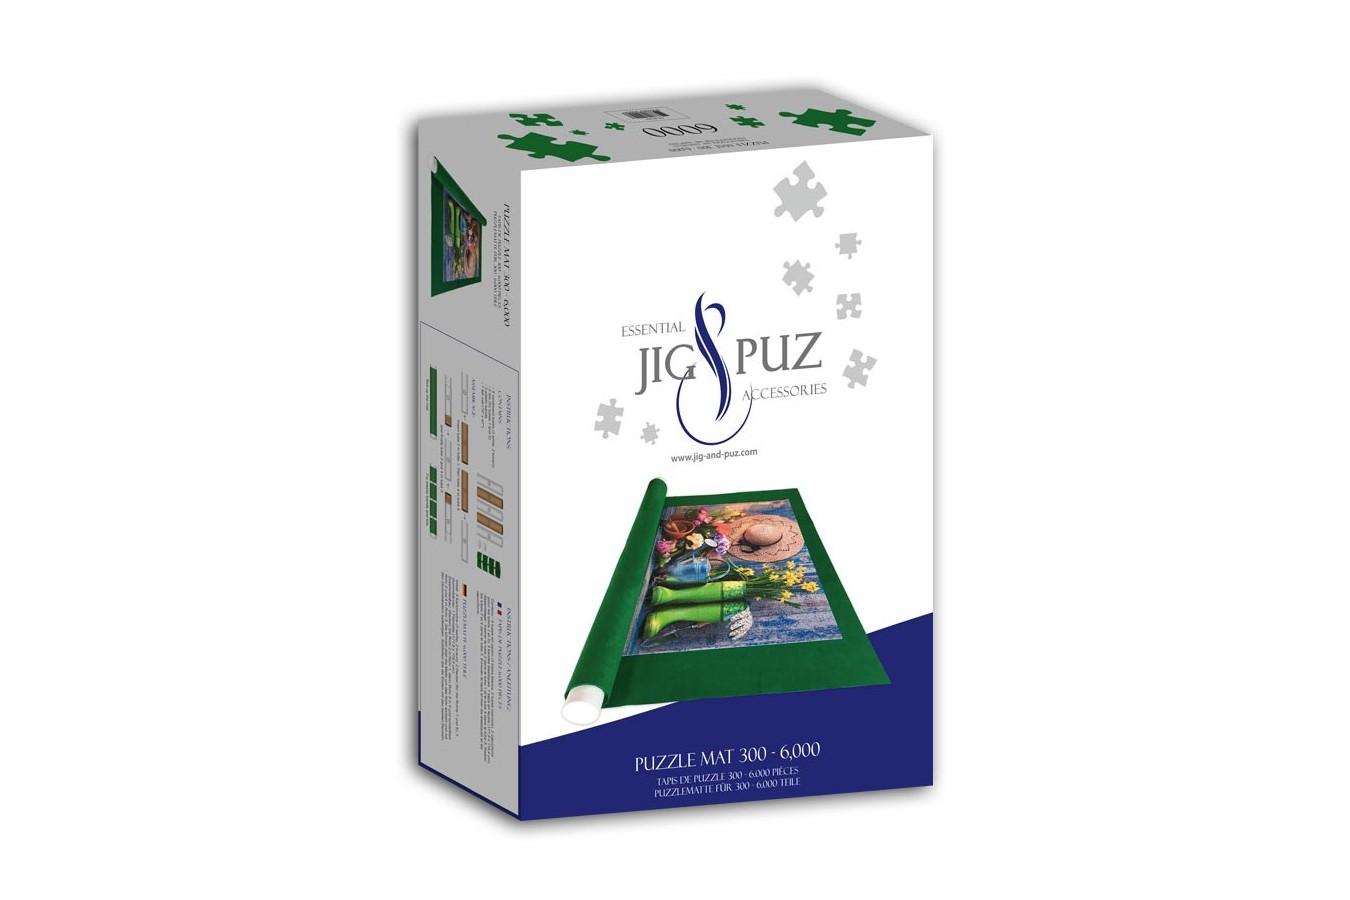 Covor pentru puzzle Jig & Puz 300-6000 piese imagine